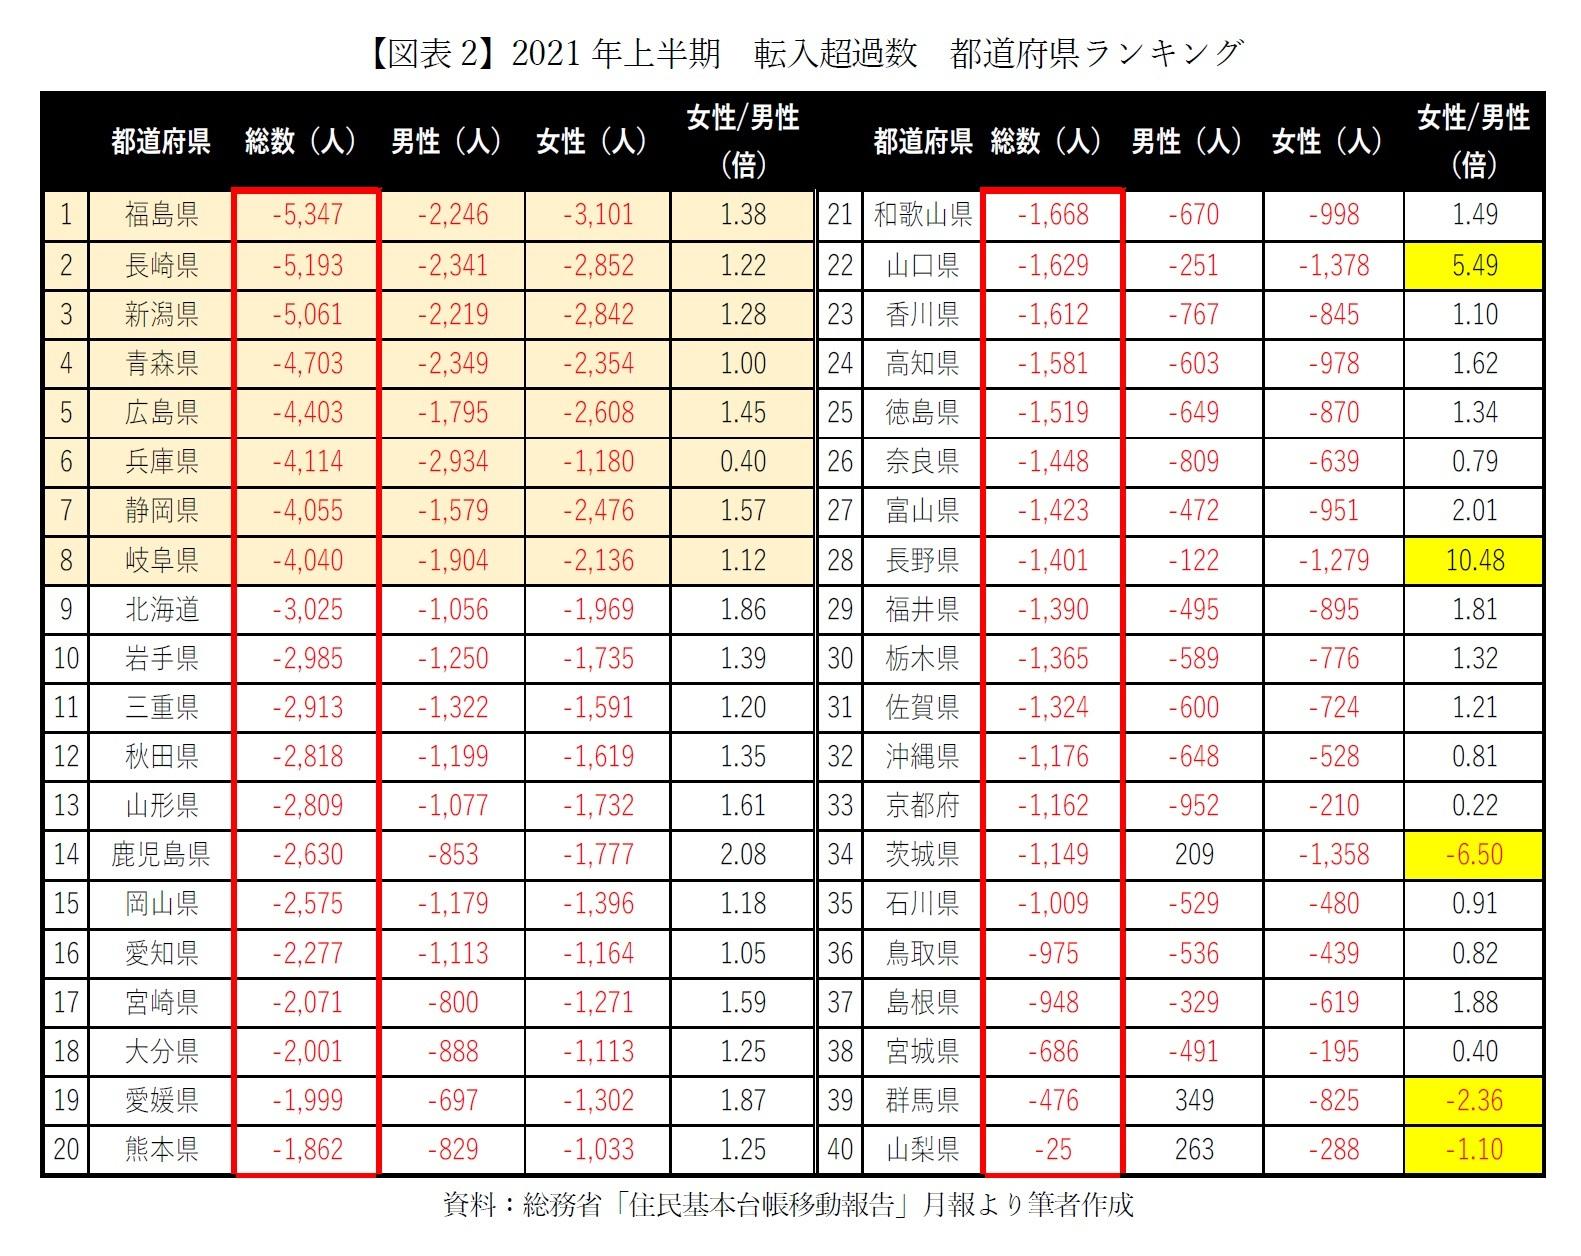 【図表2】2021年上半期 転入超過数 都道府県ランキング